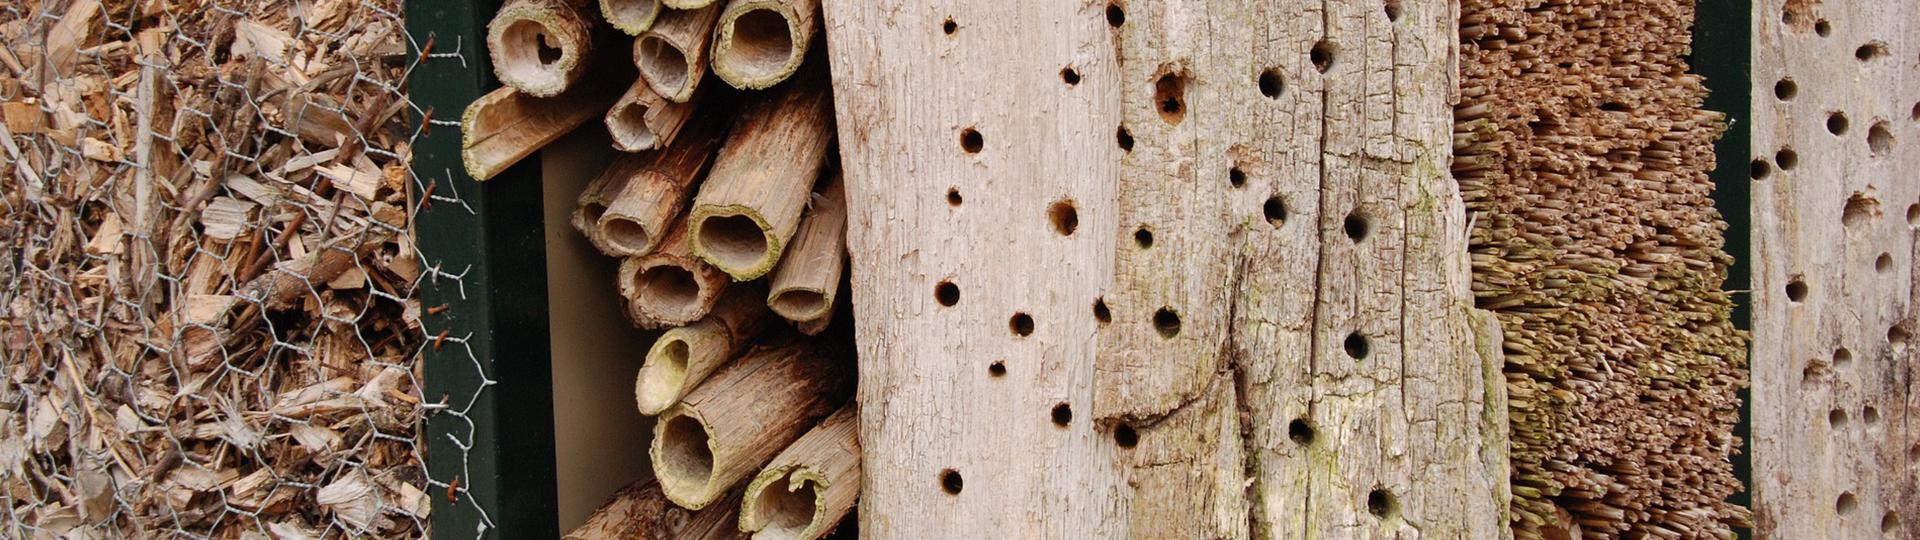 Afbeeldingsresultaat voor insectenhotels